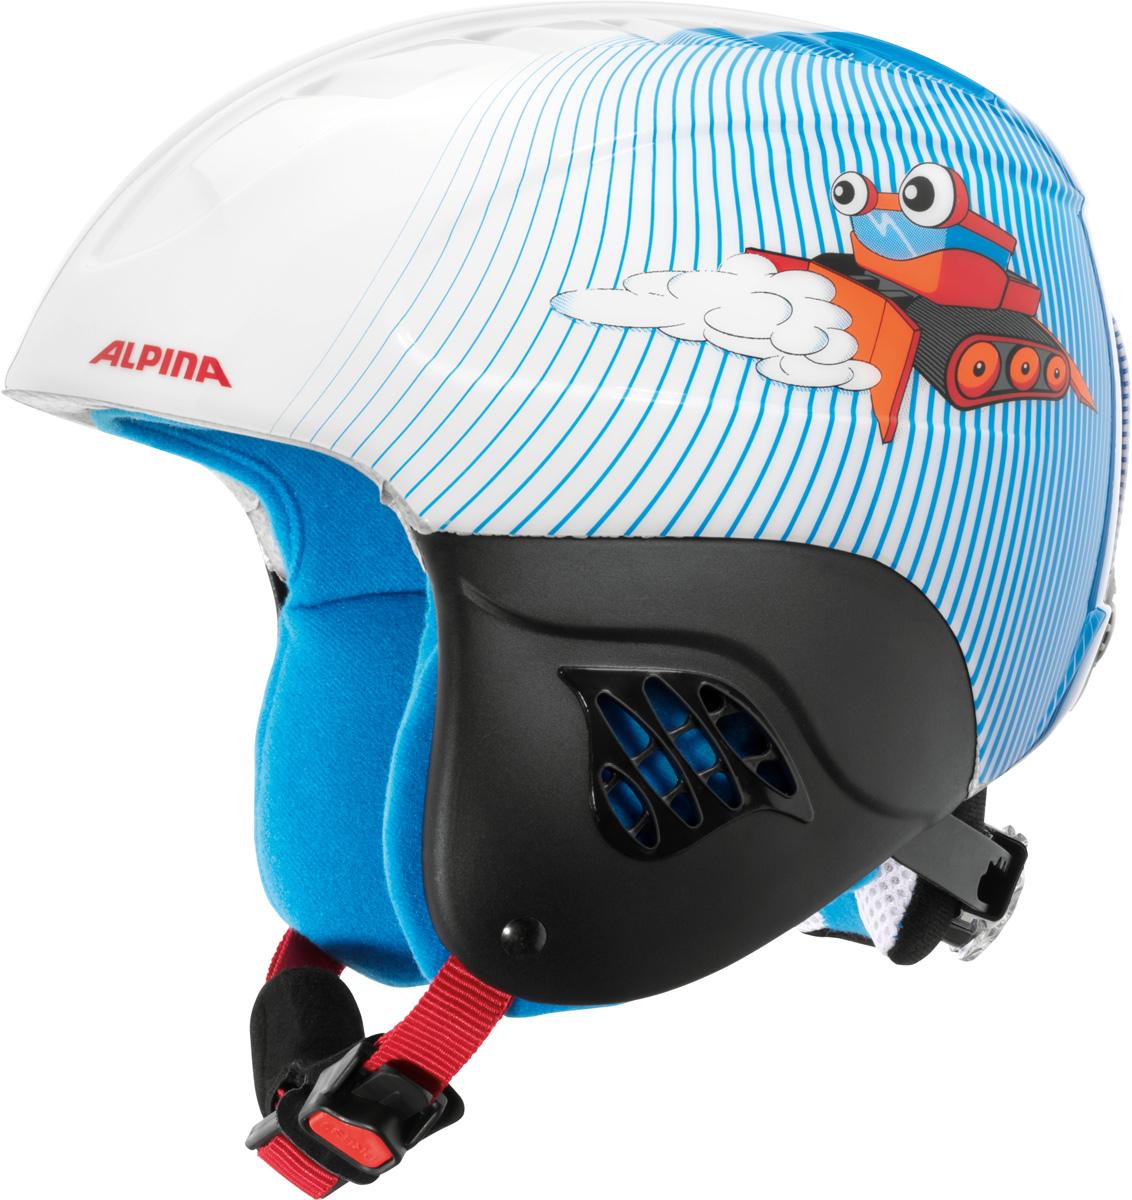 Шлем горнолыжный детский Alpina Carat, цвет: белый, голубой. A9035_88. Размер 51-55A9035_88Дети считают, что главное это внешний вид. У родителей защита в приоритете. Эта модель Alpina Carat идеально удовлетворяет требованиям обоих поколений.Технологии: Inmold Tec – технология соединения внутренней и внешней части шлема при помощи высокой температуры. Данный метод делает соединение исключительно прочным, а сам шлем легким. Такой метод соединения гораздо надежнее и безопаснее обычного склеивания.Ceramic – особая технология производства внешней оболочки шлема. Используются легковесные материалы экстремально прочные и устойчивые к царапинам. Возможно использование при сильном УФ изучении, так же поверхность имеет антистатическое покрытие.Run System – простая система настройки шлема, позволяющая добиться надежной фиксации.Changeable Interior – съемная внутренняя часть. Допускается стирка в теплой мыльной воде.Neckwarmer – дополнительное утепление шеи. Изготовлено из мягкого флиса.Venting System – особые вентиляционные отверстия для отведения излишнего тепла и поддержания оптимальной температуры.